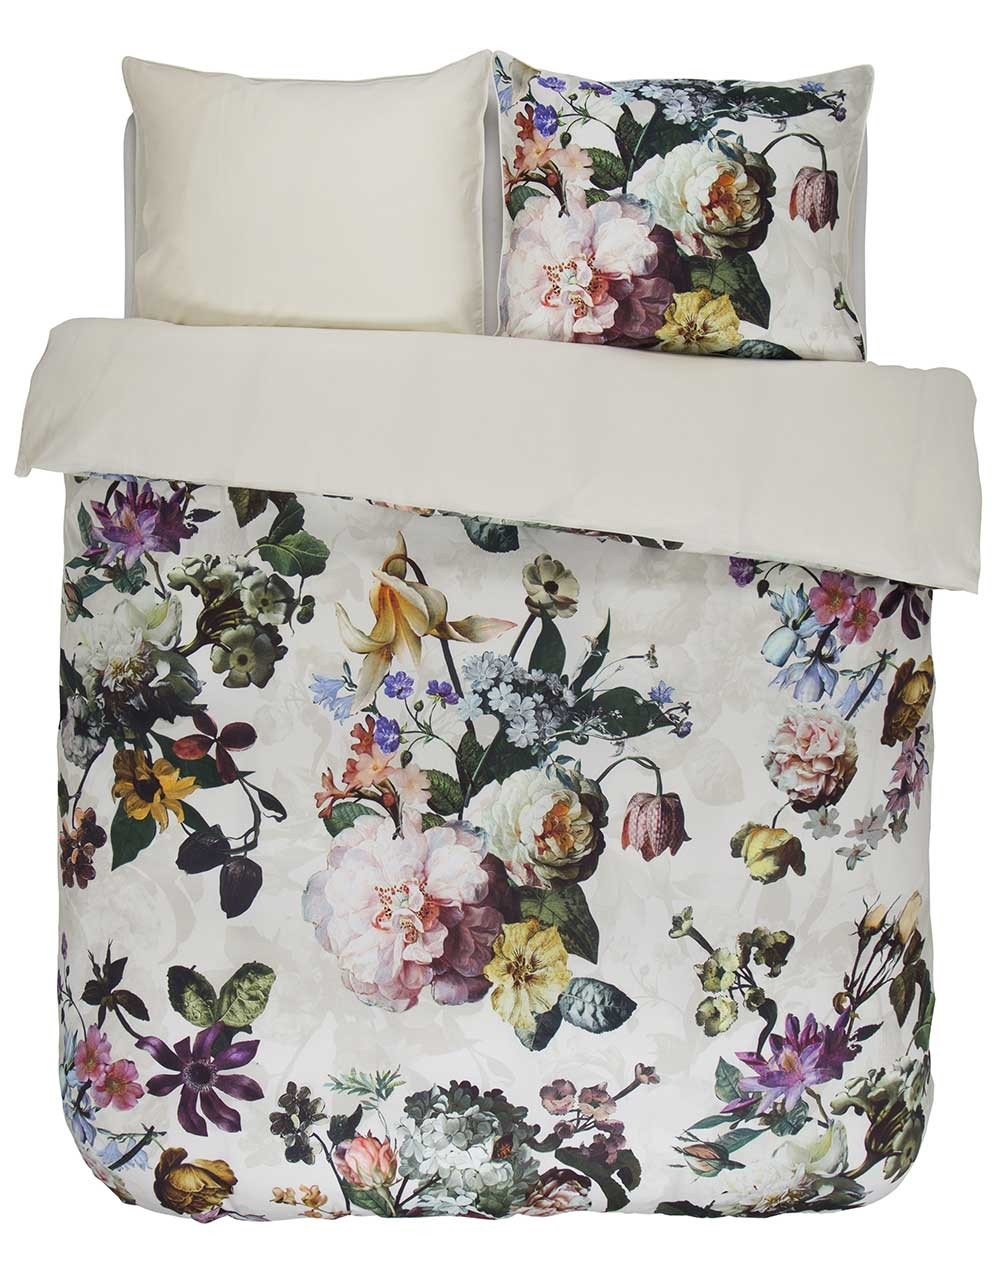 essenza sengetøj Køb Fleur Ecru sengetøj fra Essenza her. Blomster mønster i off white essenza sengetøj